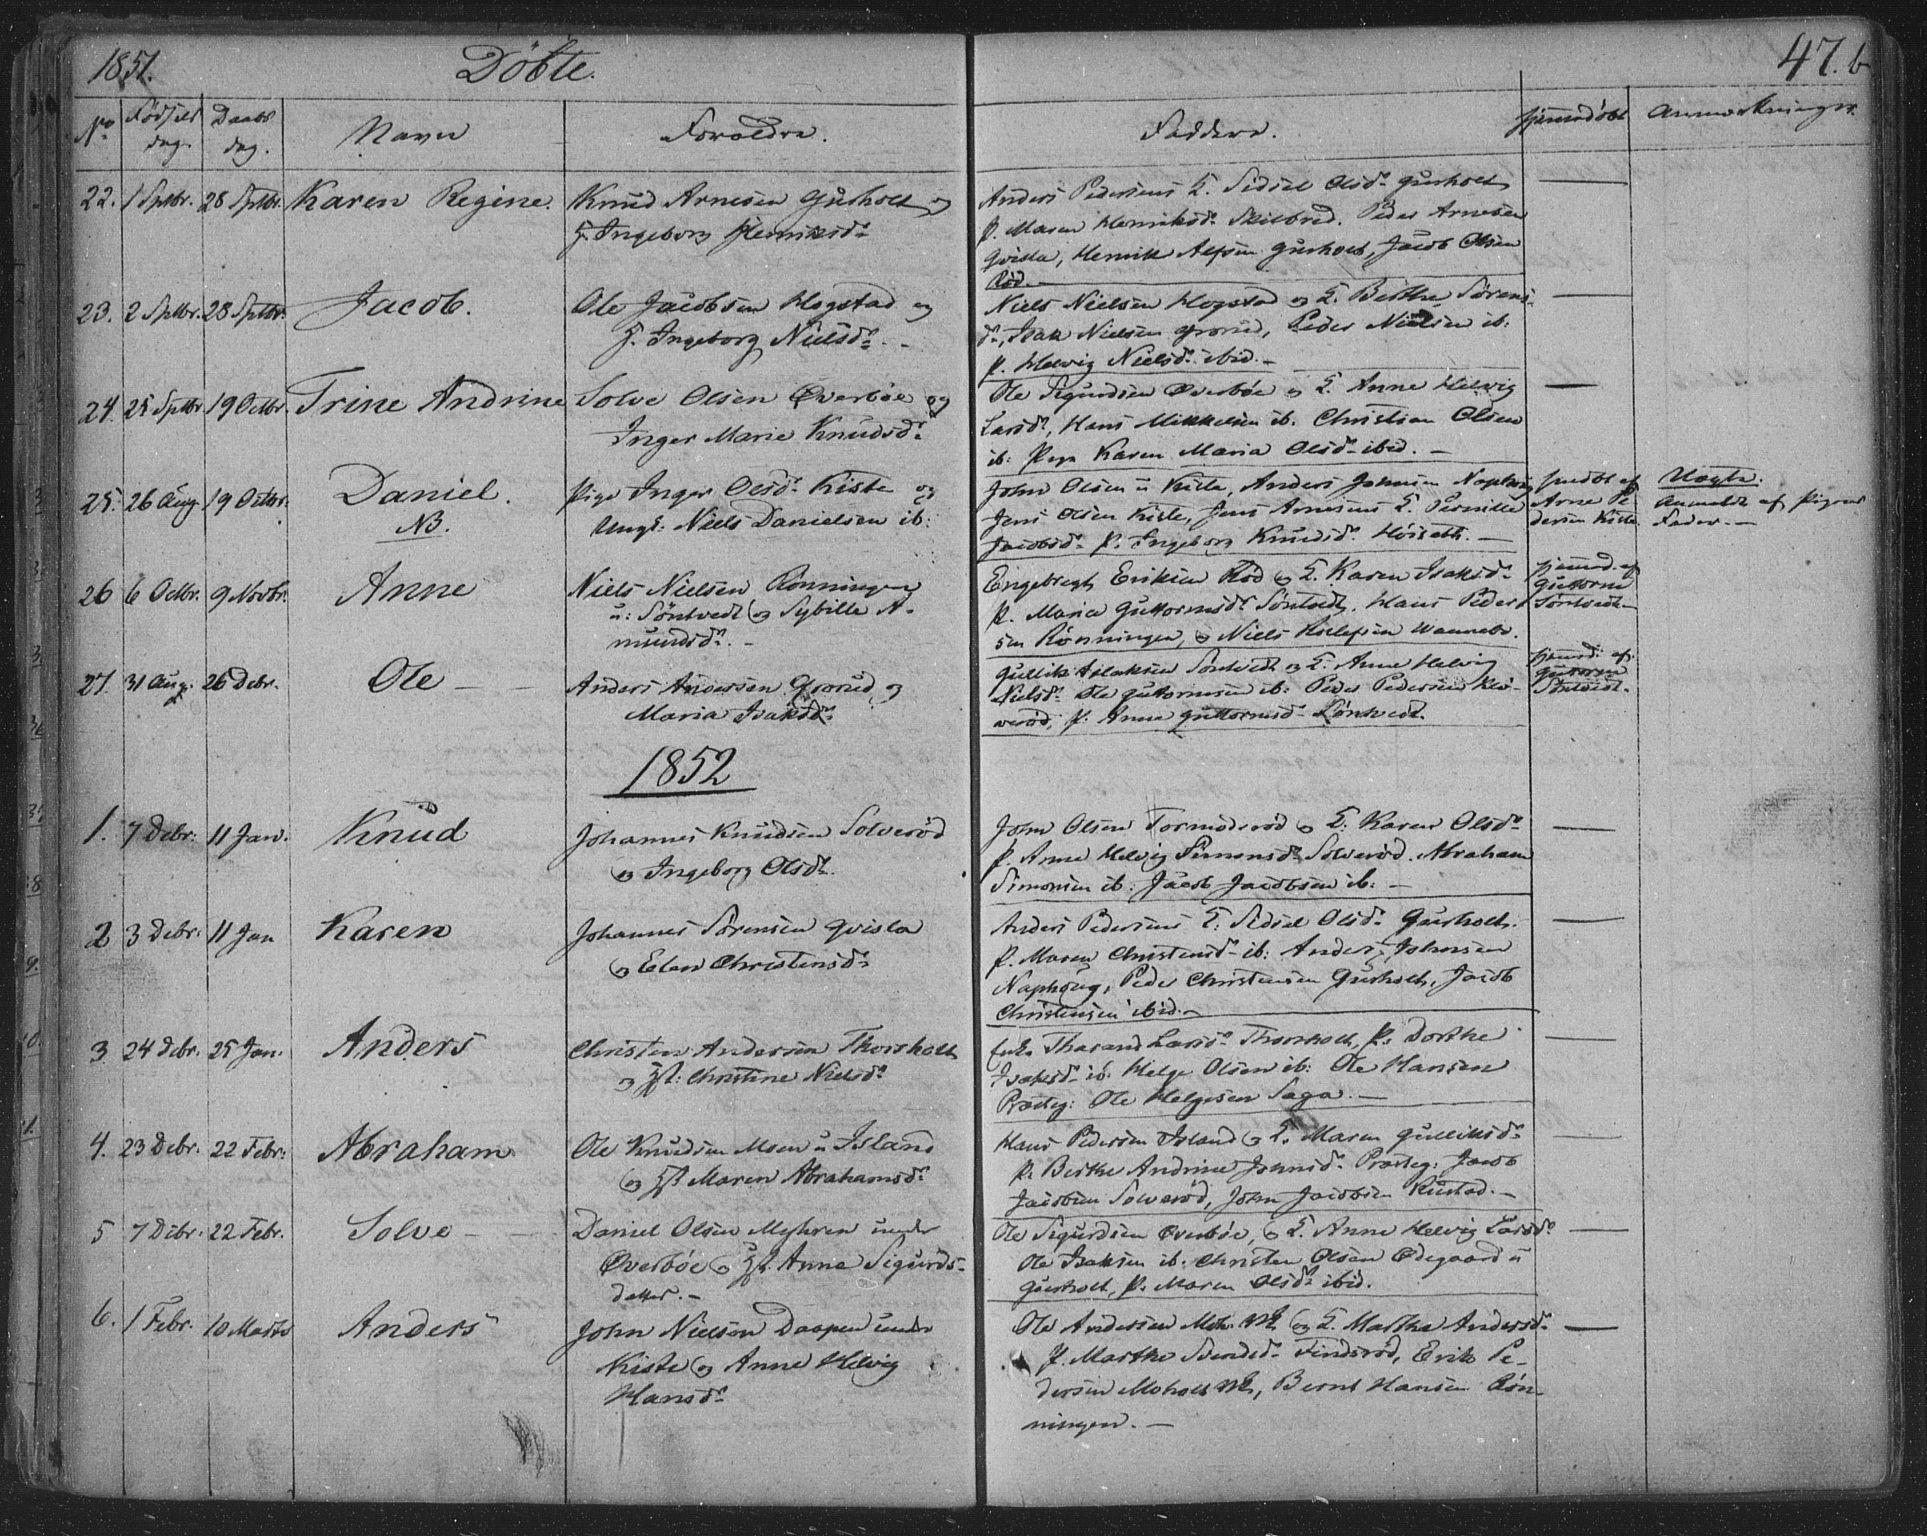 SAKO, Siljan kirkebøker, F/Fa/L0001: Ministerialbok nr. 1, 1831-1870, s. 47